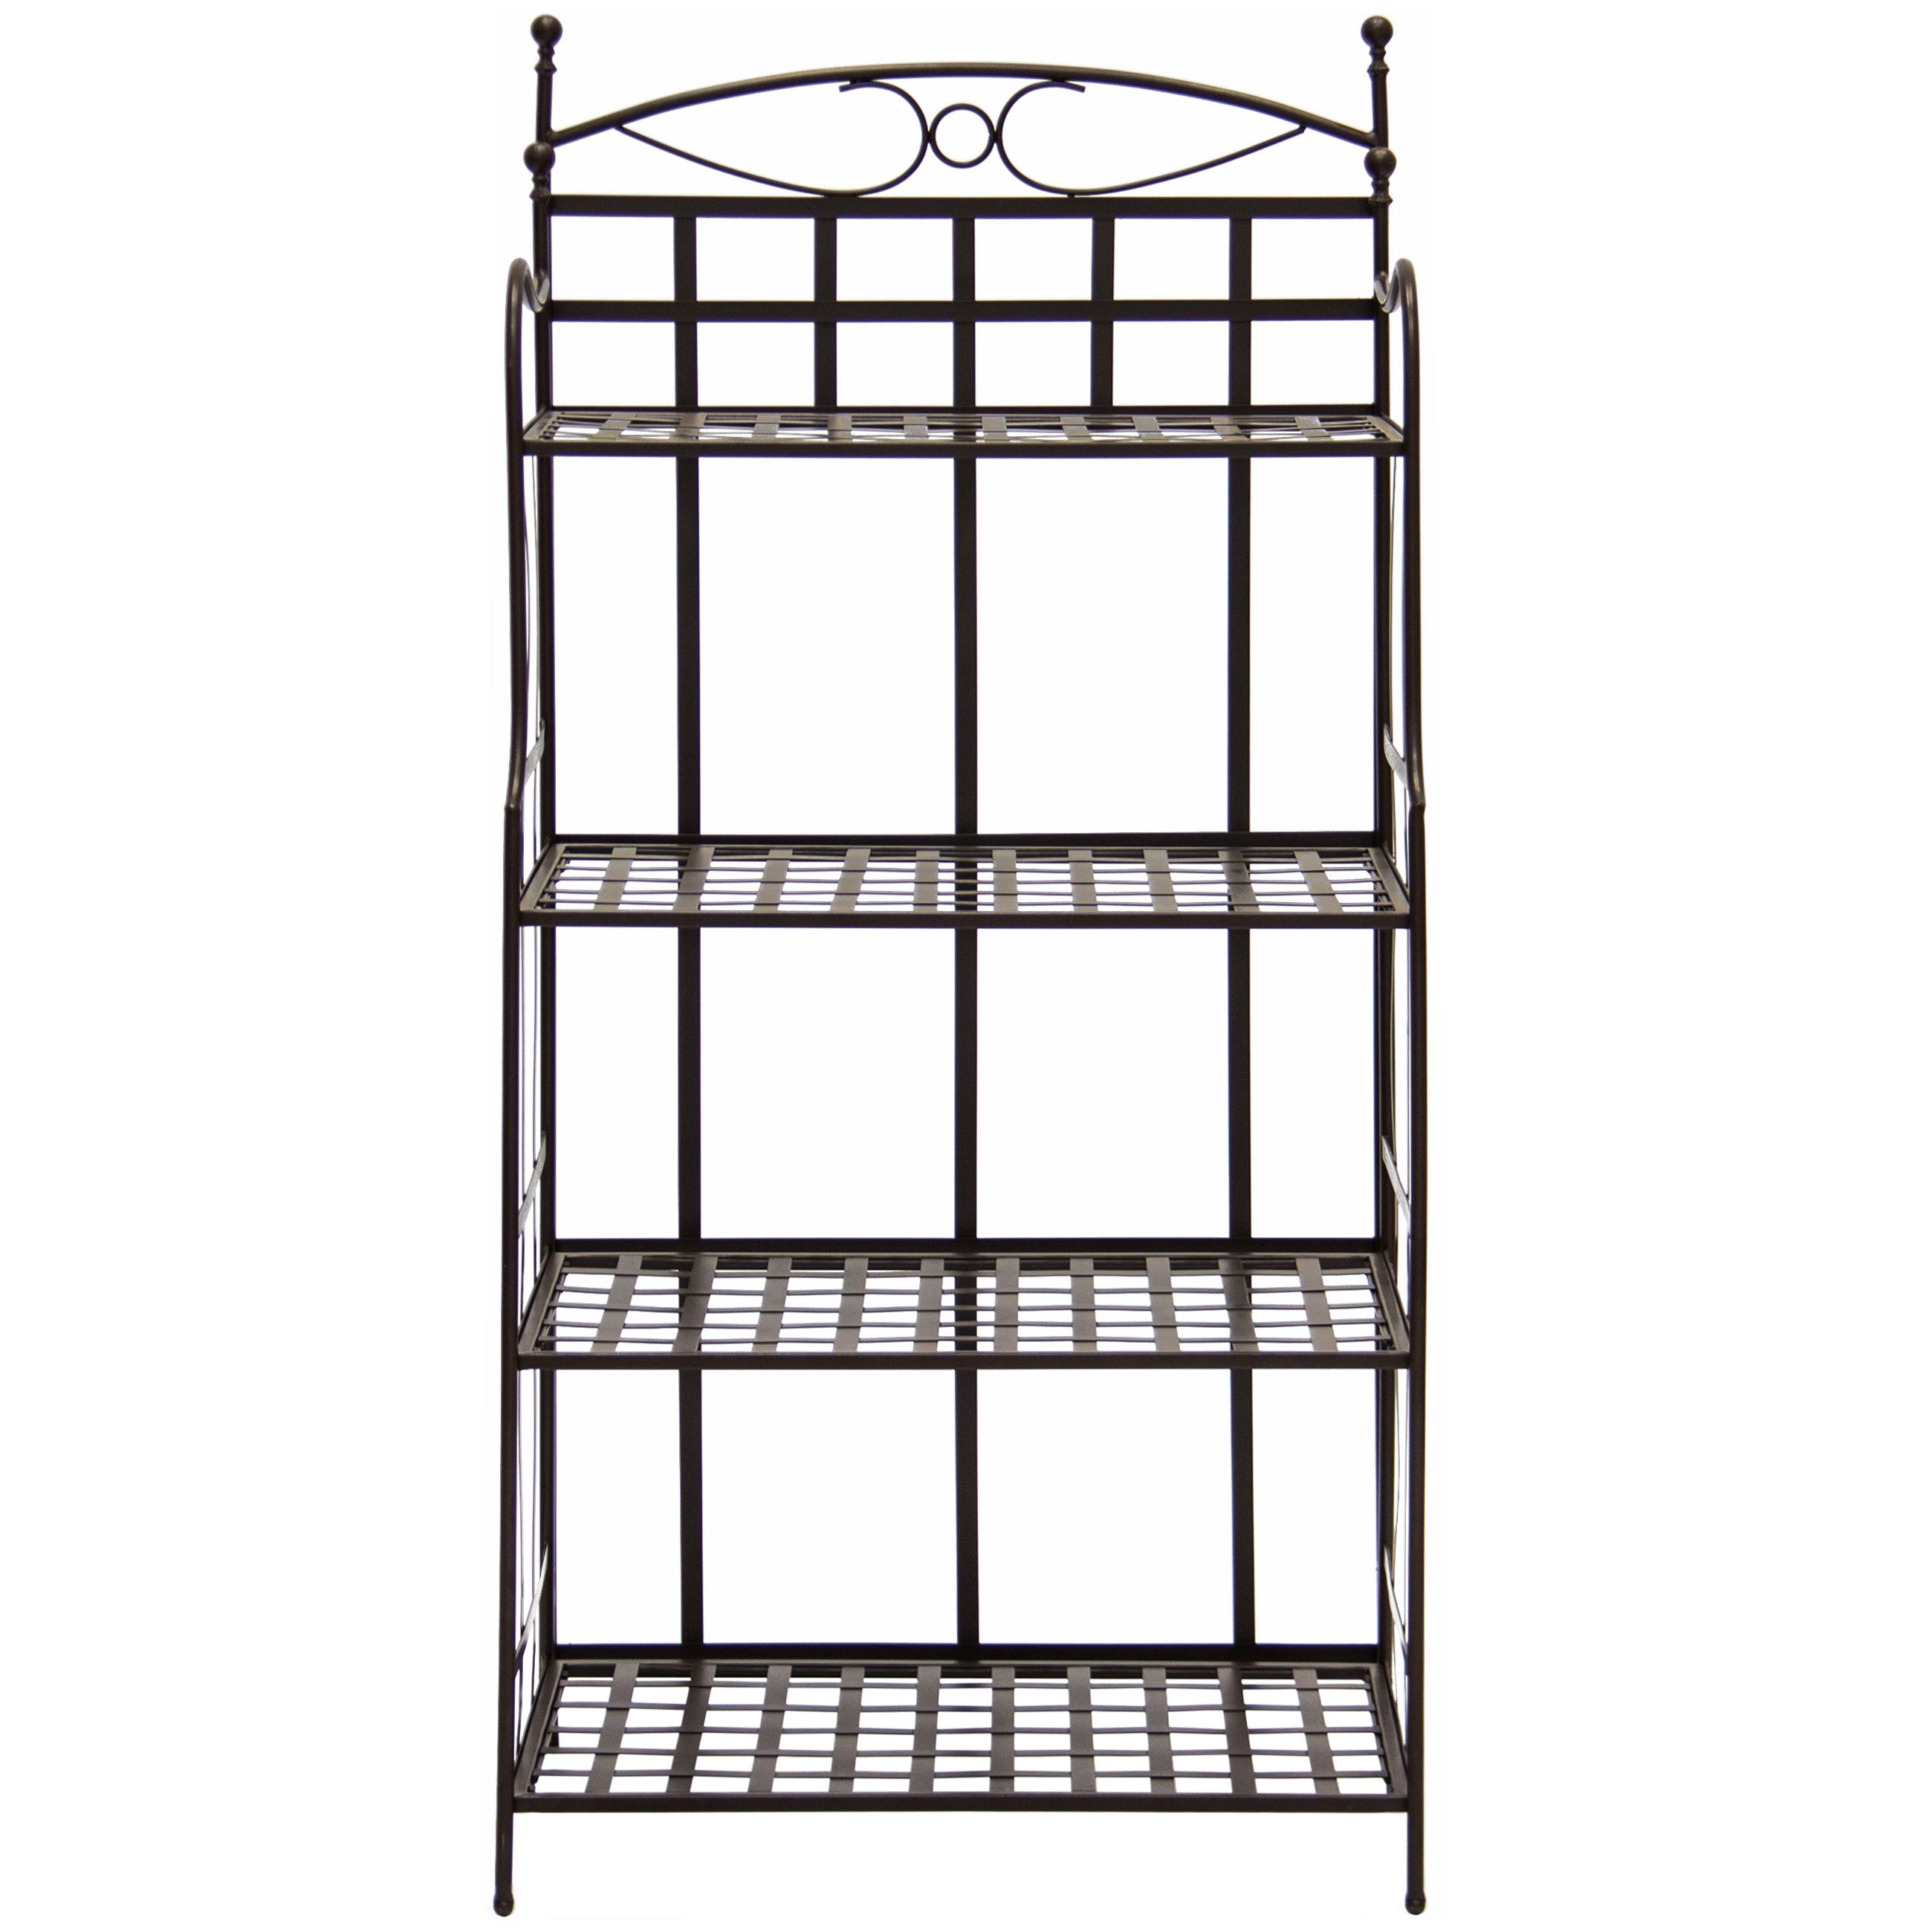 Best Choice Products 4 Tier Indoor Outdoor Bakers Rack